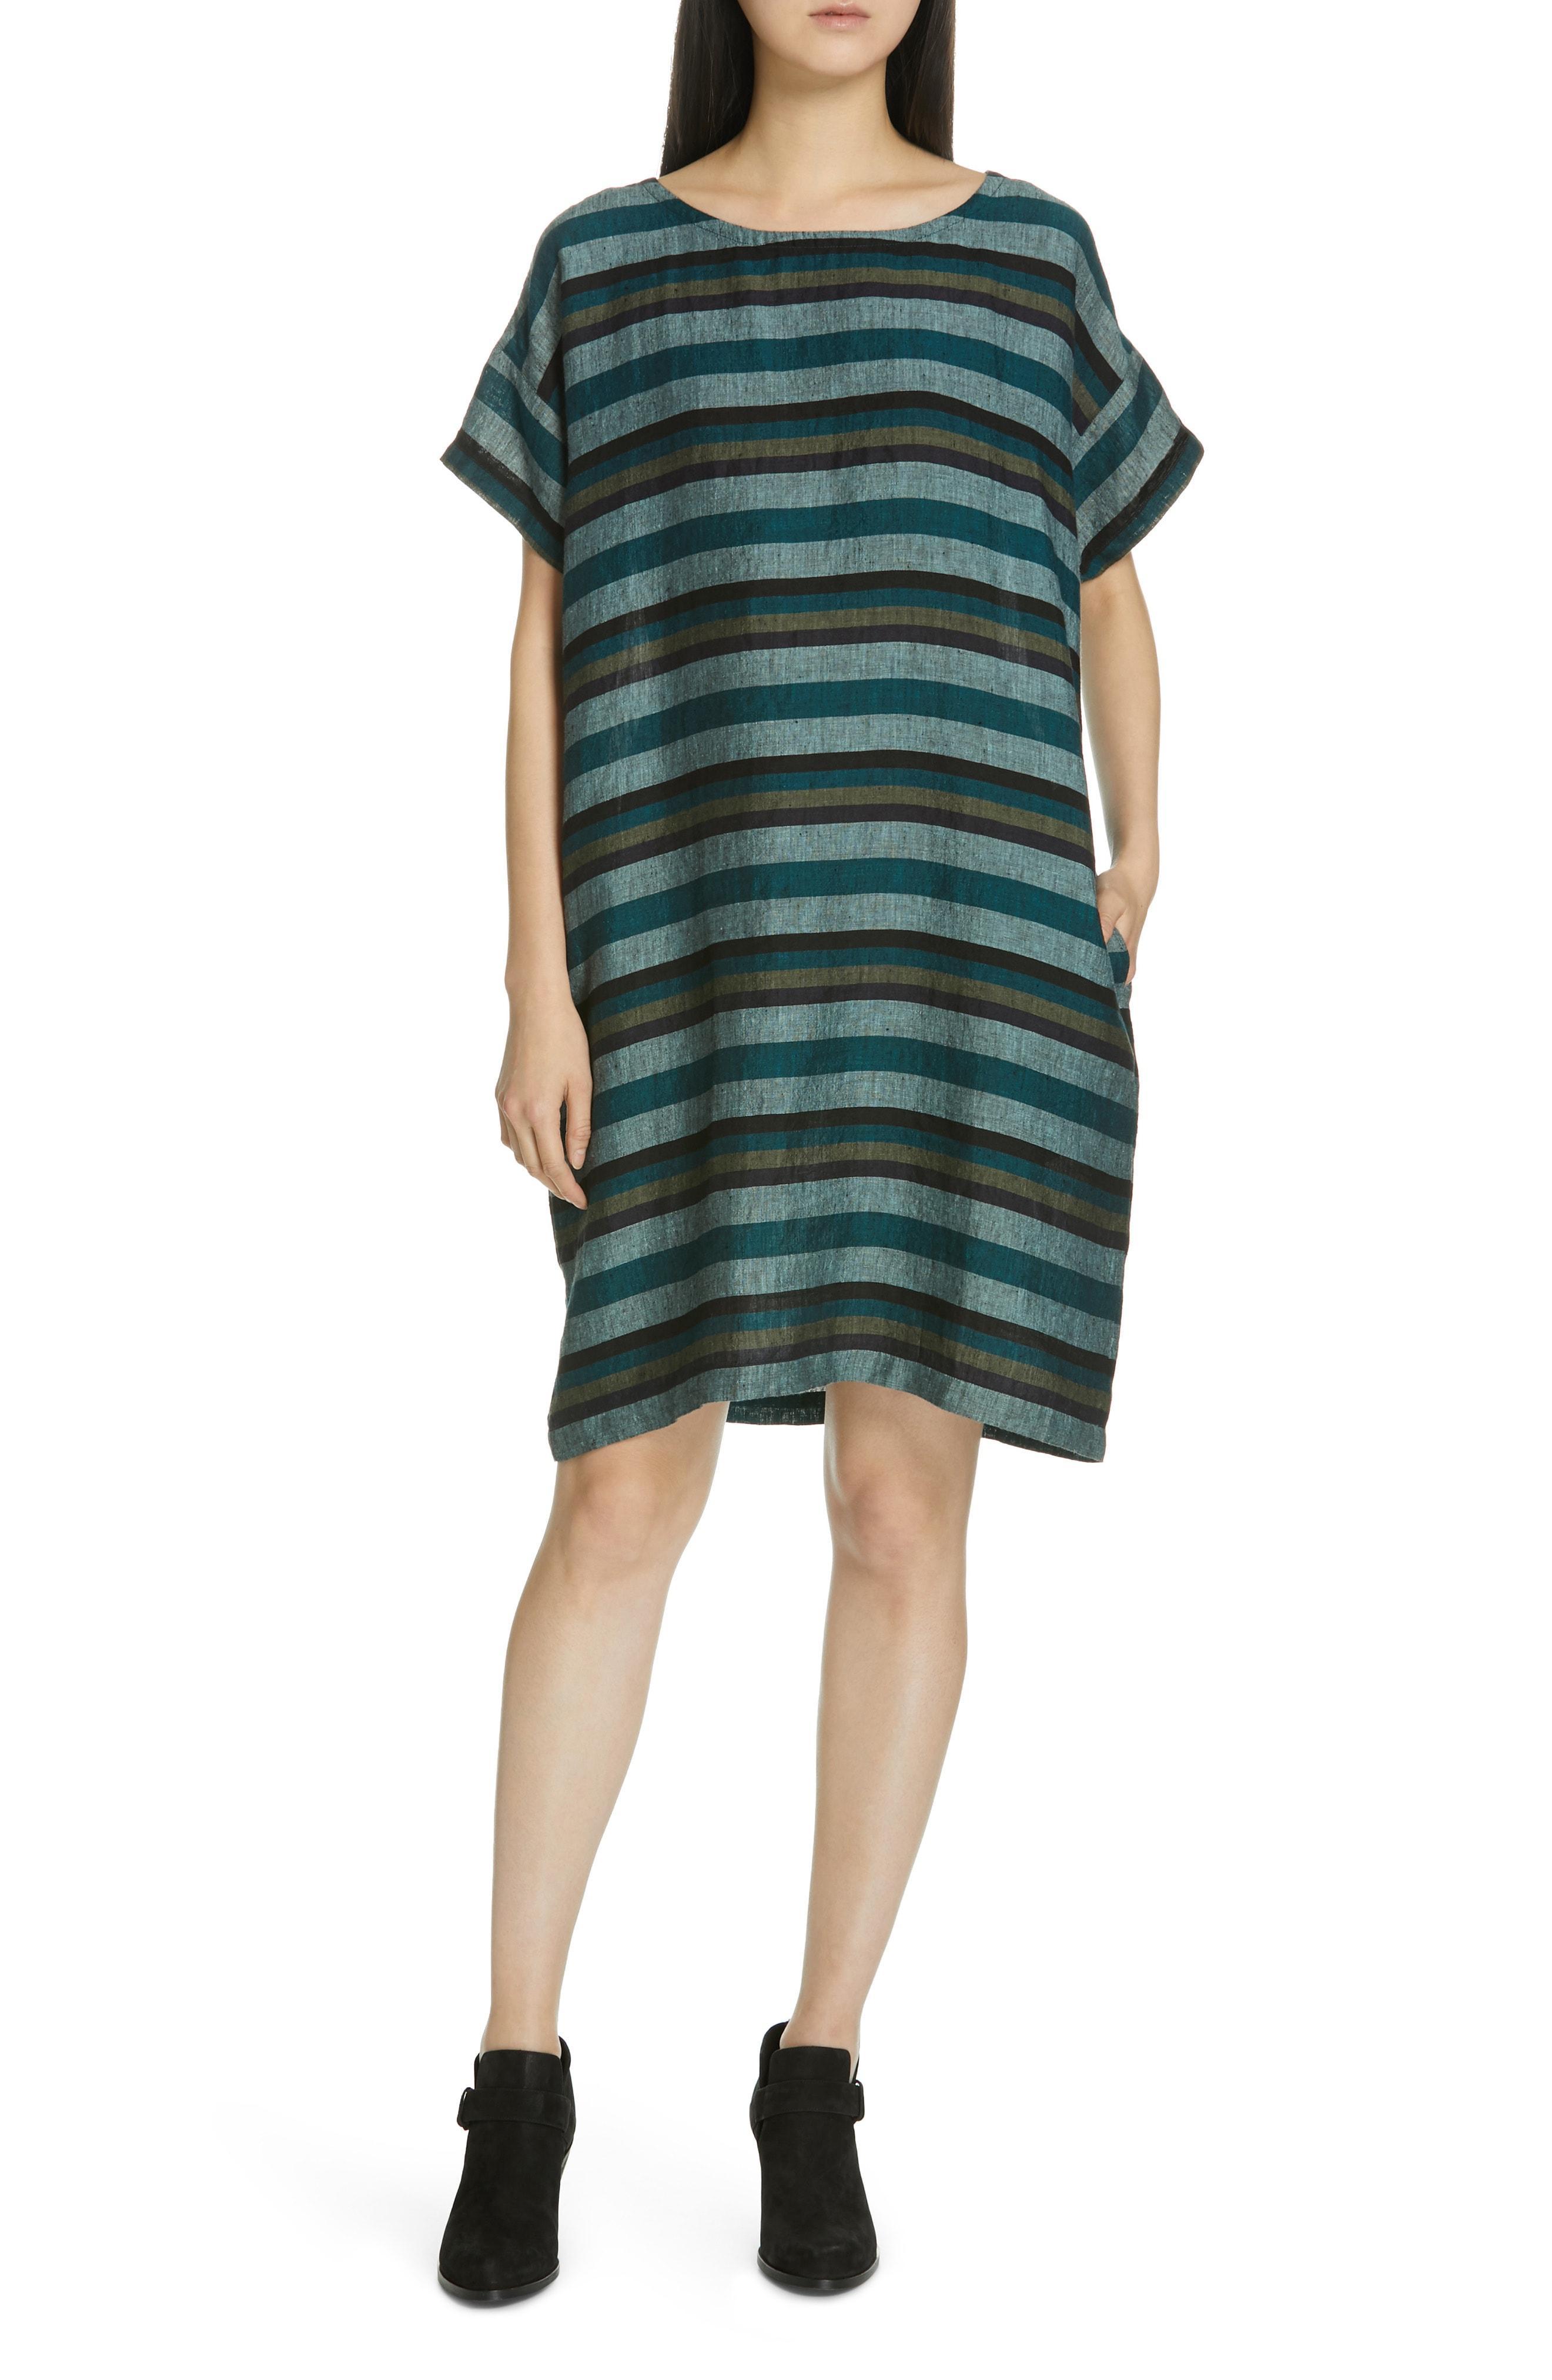 f4370462364 Lyst - Eileen Fisher Stripe Linen Shift Dress in Green - Save 45%